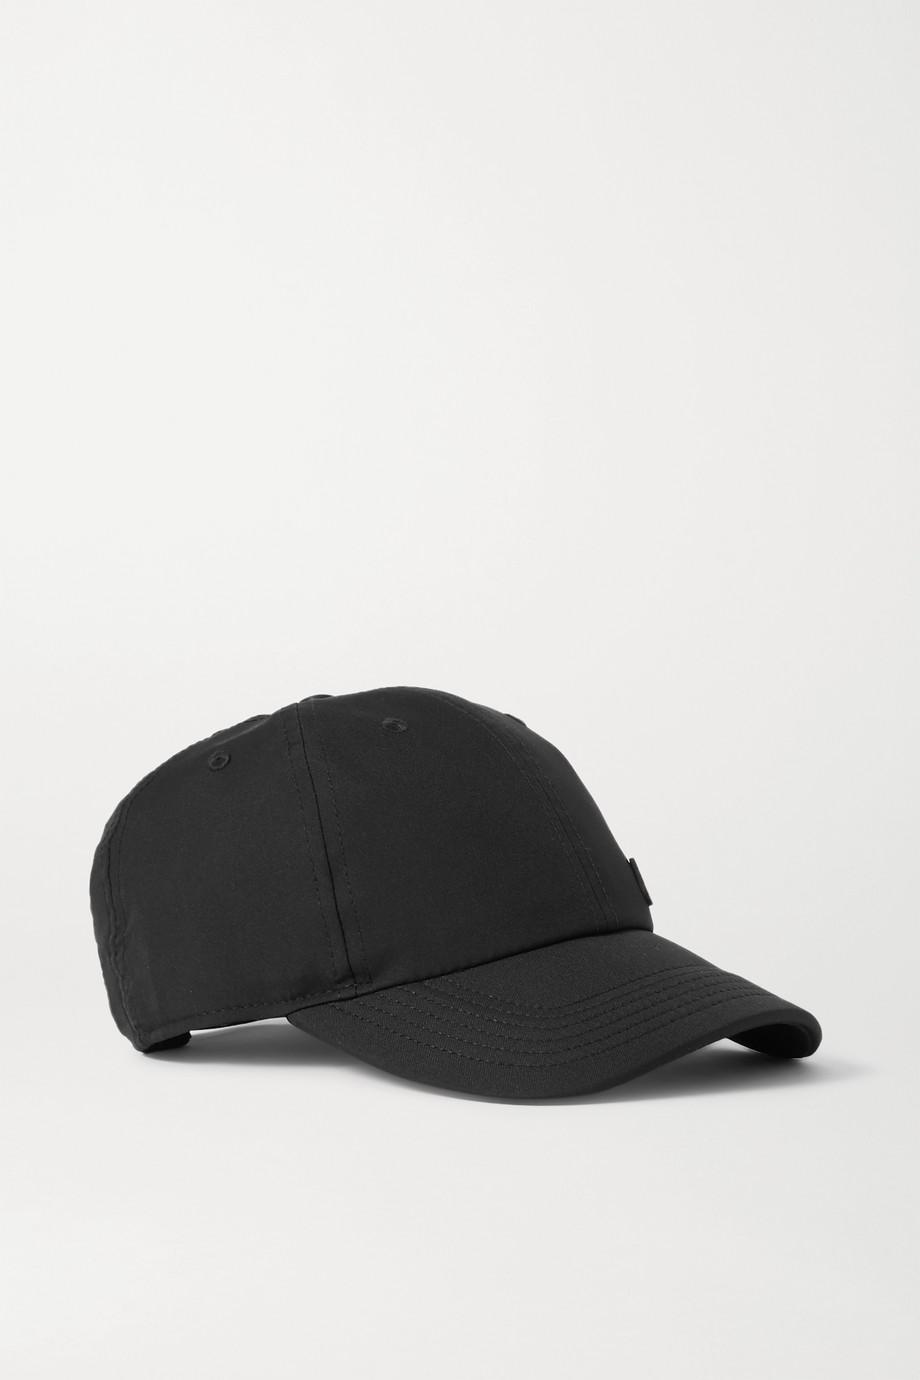 Nike Heritage86 贴花斜纹布棒球帽